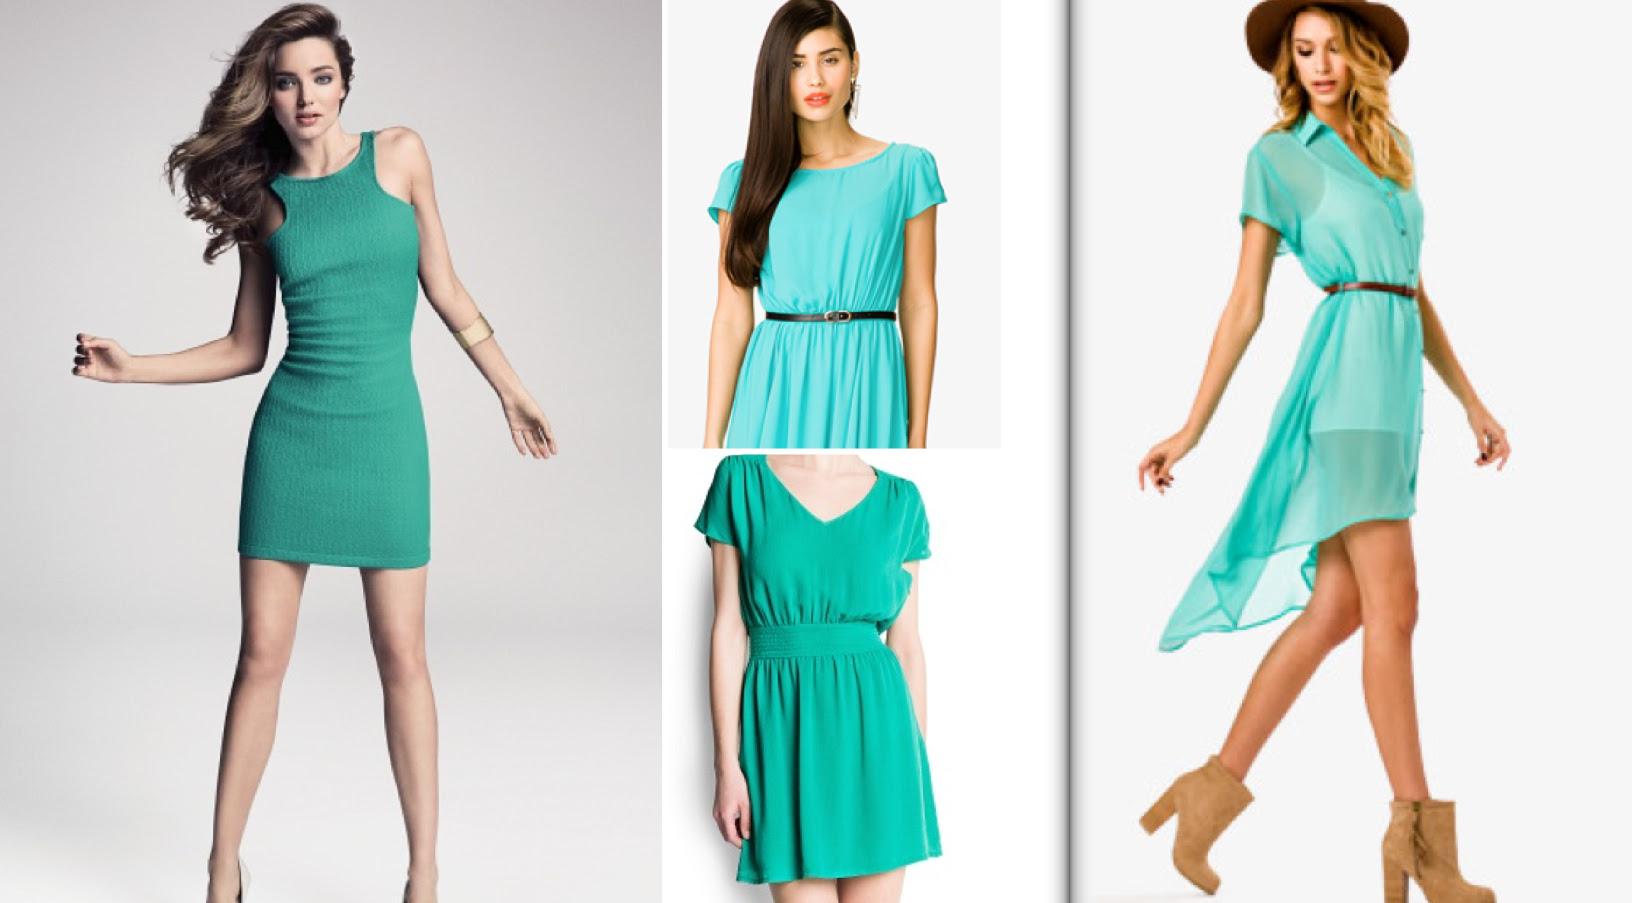 ¿Qué zapatos me pongo con un vestido verde? - trucosymanualidades.com